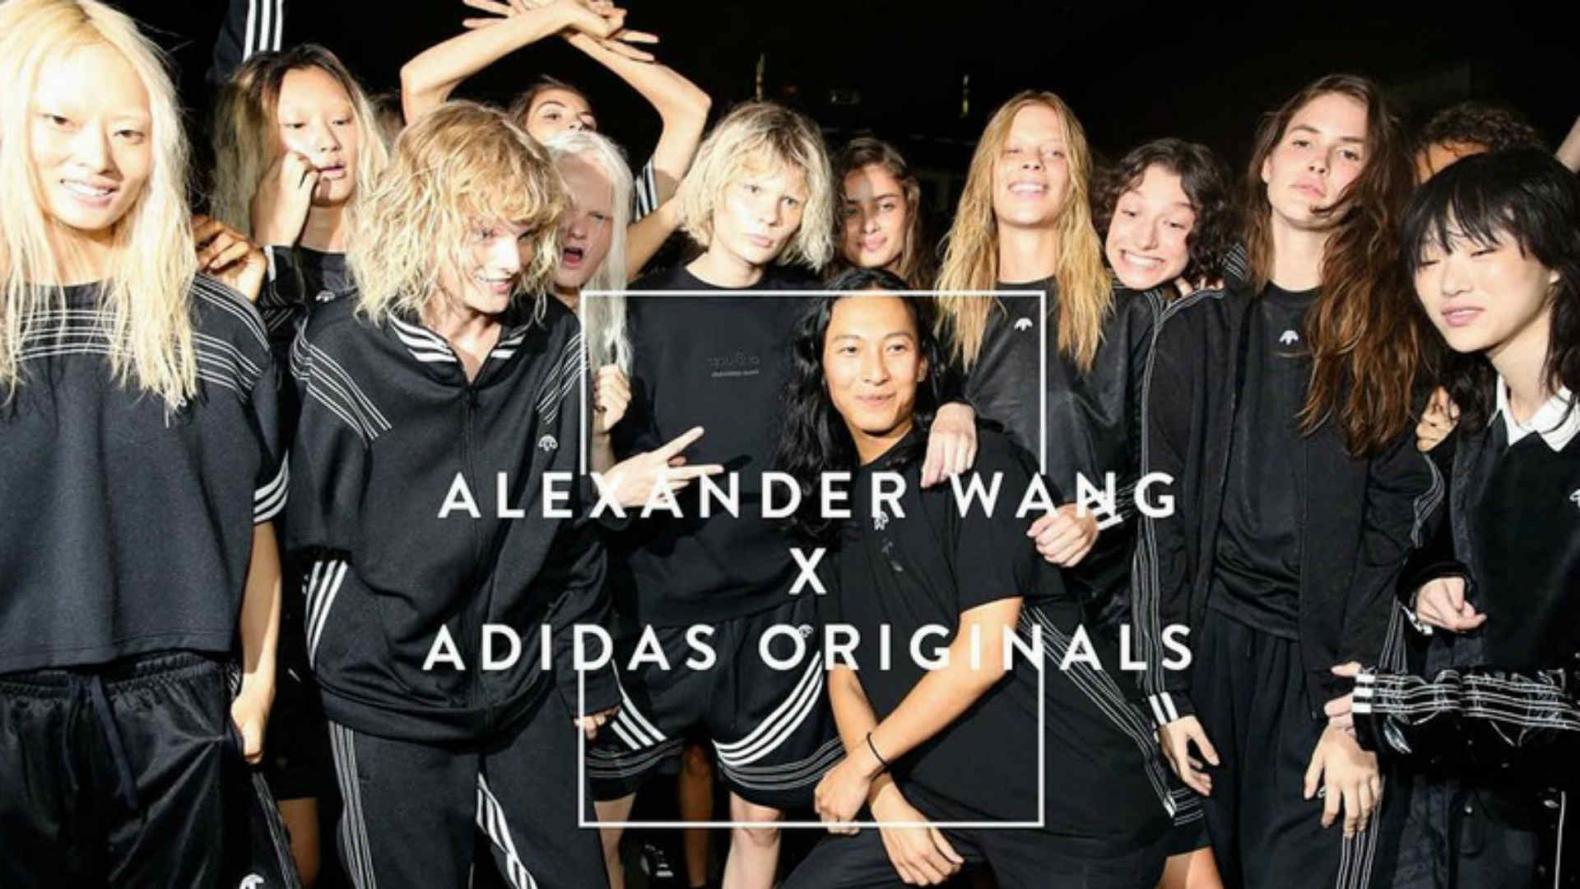 congelado Bajar Duquesa  Se viene la venta mundial de la colección de Adidas que usa el logo al revés  | MUSA